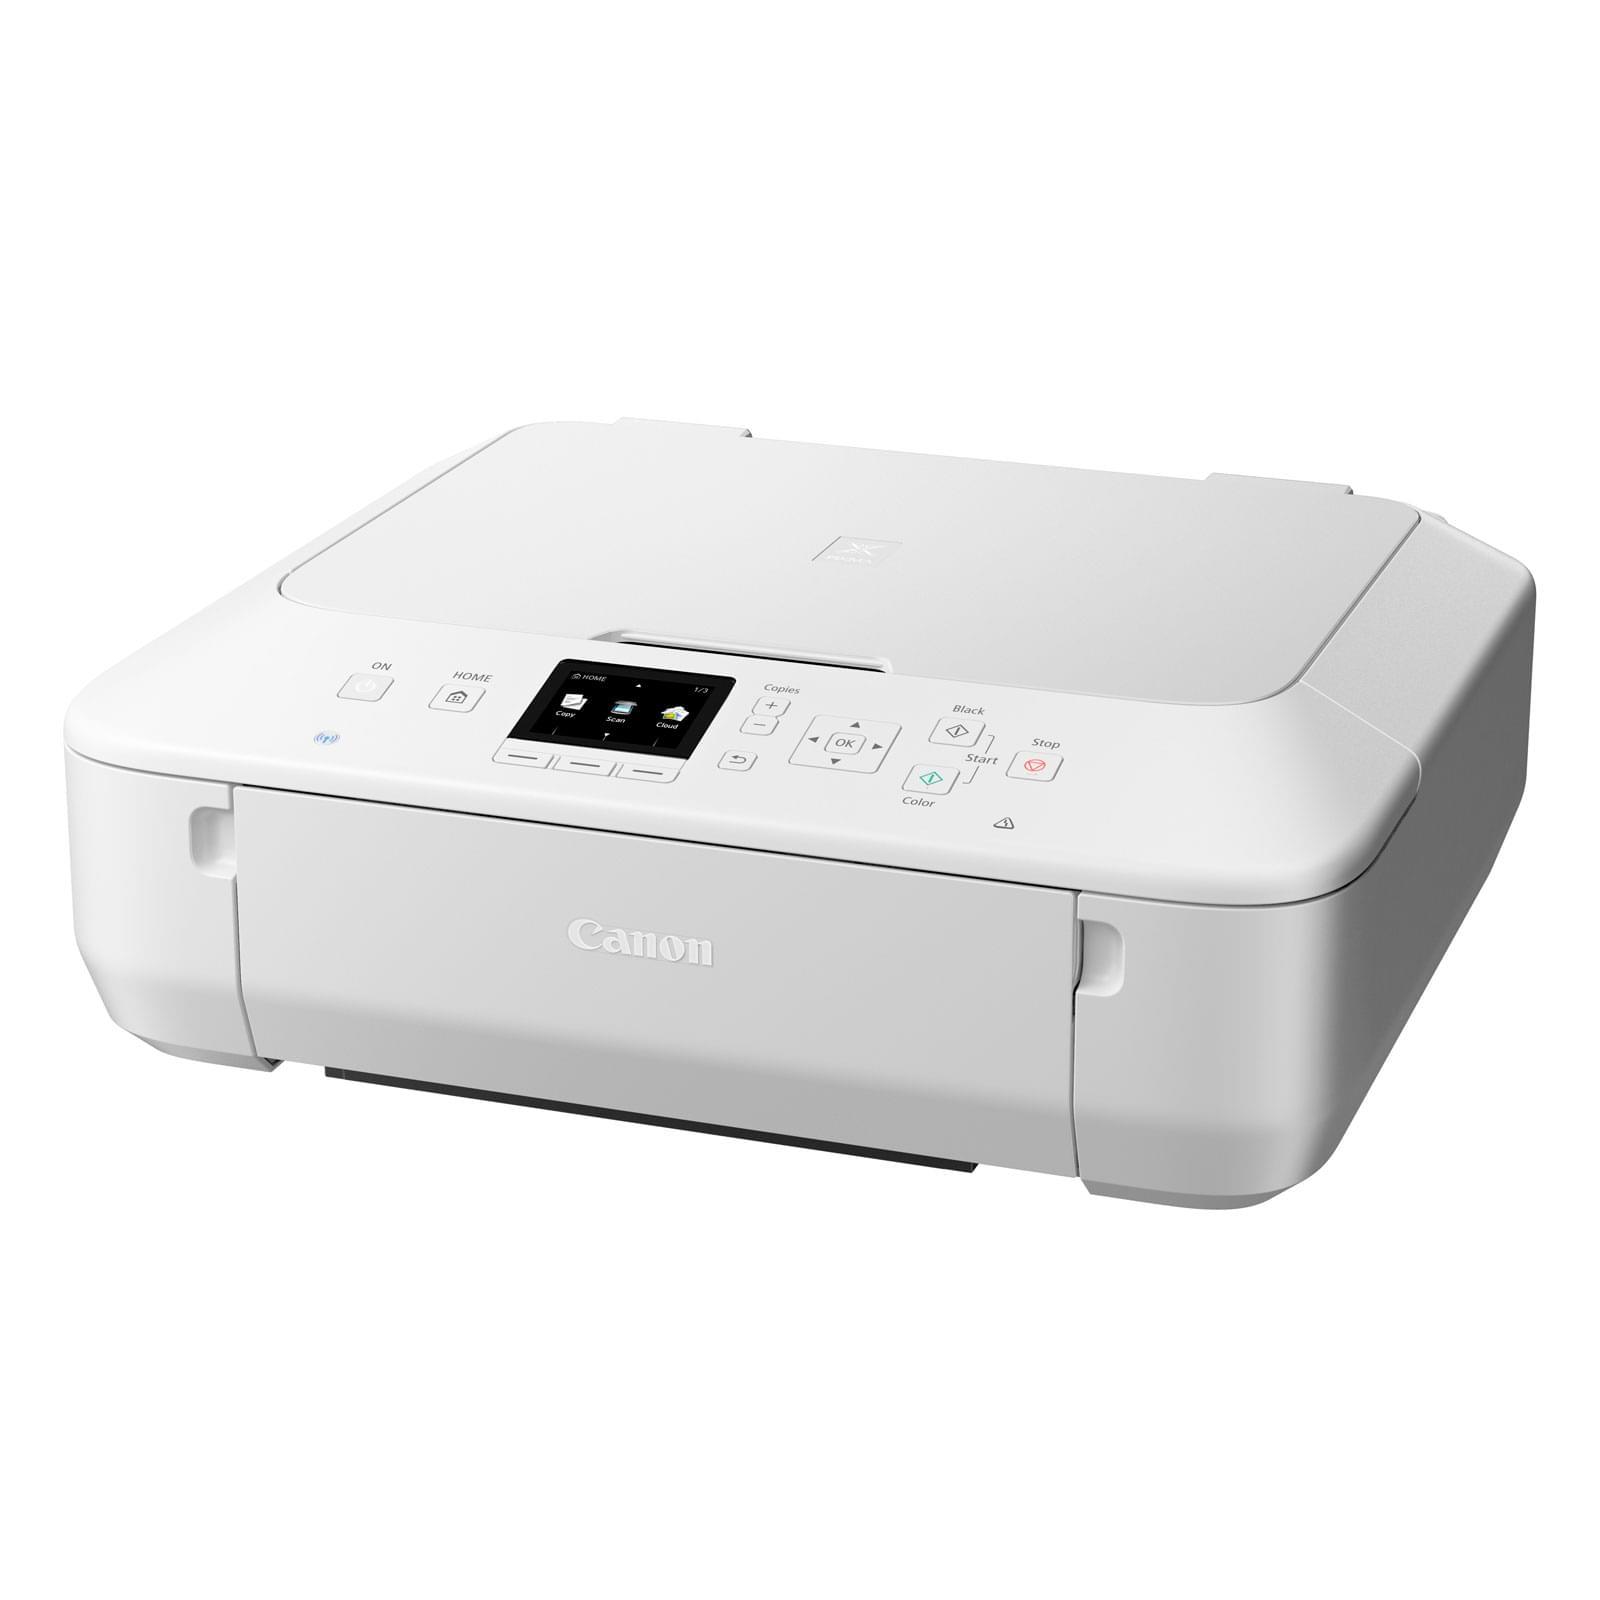 Imprimante multifonction Canon PIXMA MG5650 Blanche - Cybertek.fr - 0